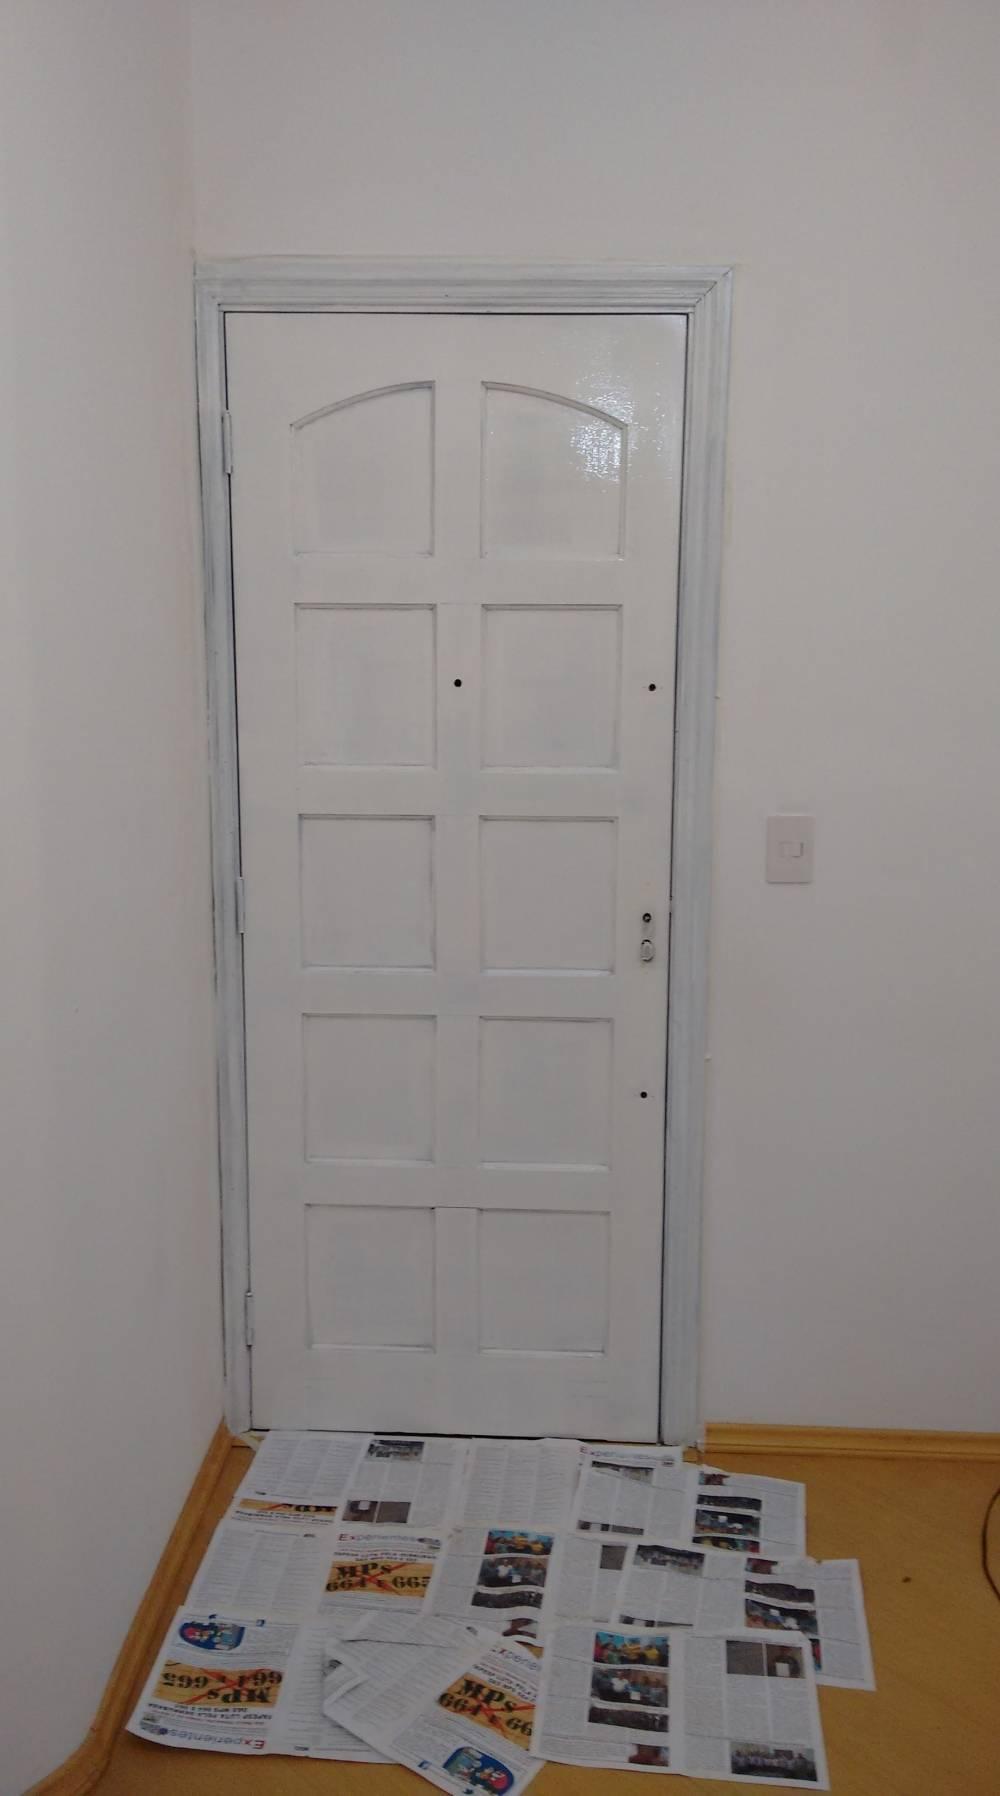 Pequenos Serviços de Instalação Elétrica Residencial na Vila Independência - Instalação Elétrica Residencial